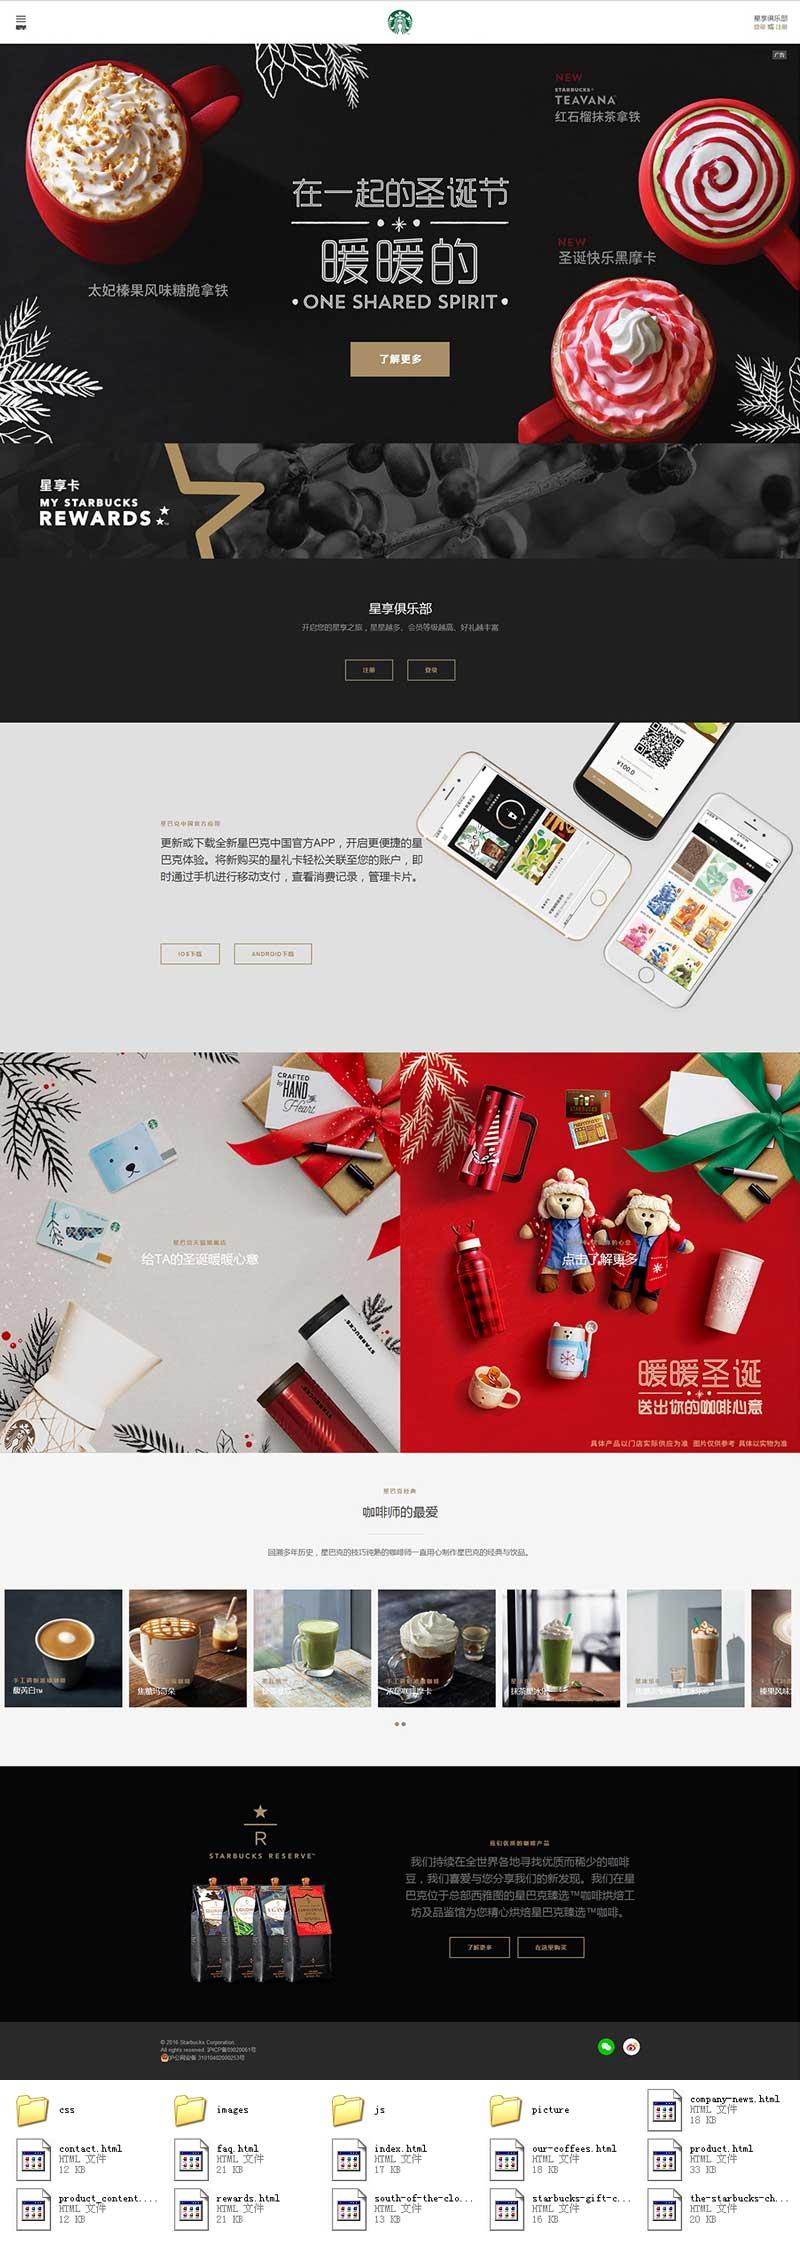 星巴克咖啡品牌官网响应式手机模板